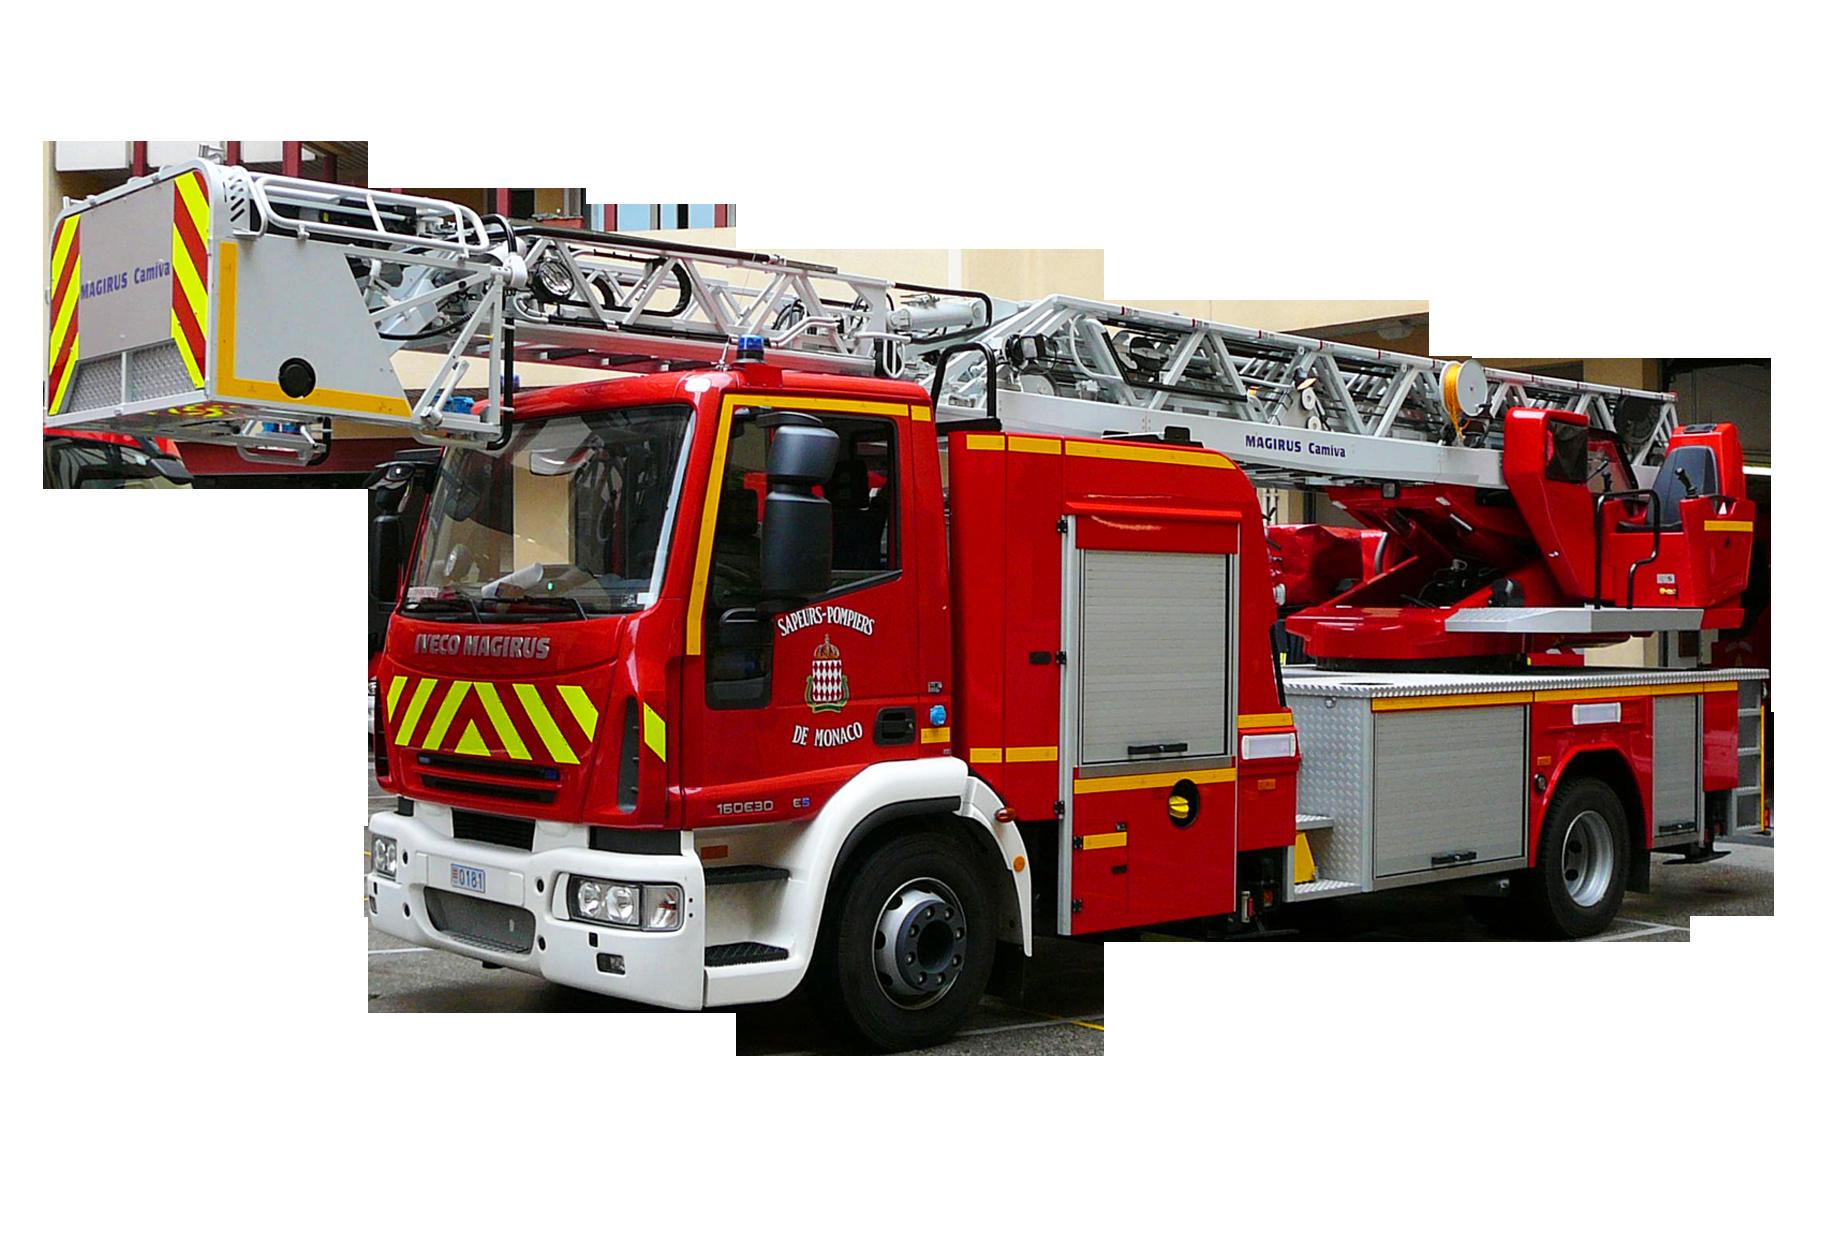 V hicules prompt secours mat riels corps des sapeurs - Image camion pompier ...